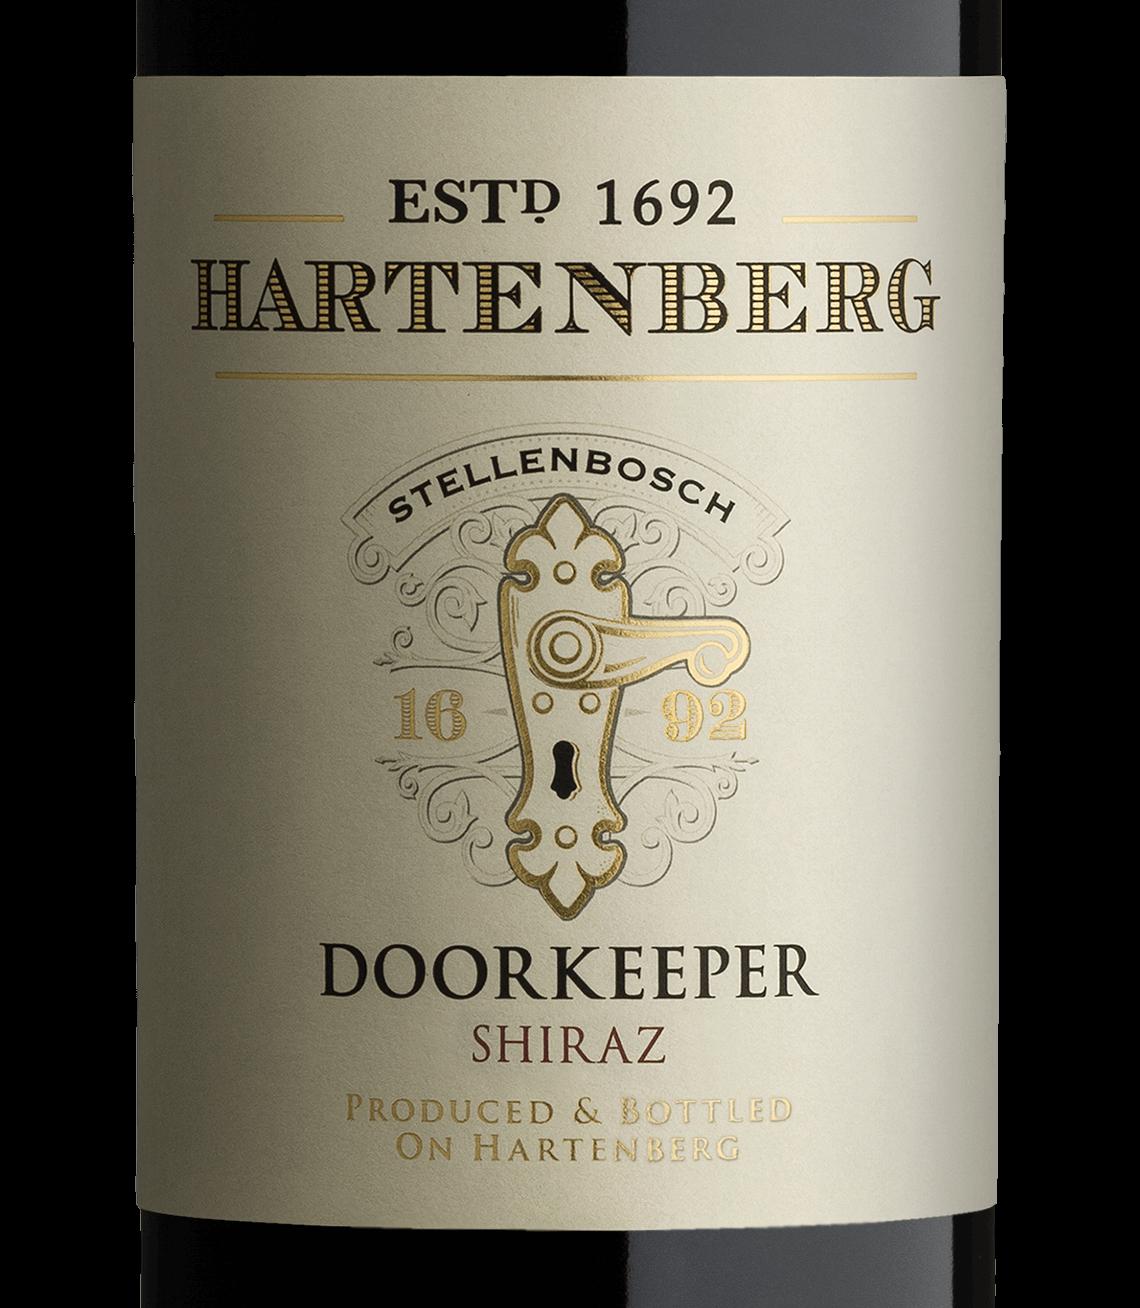 The Label Displays The Original Doorkeep On The Historic Doors Of